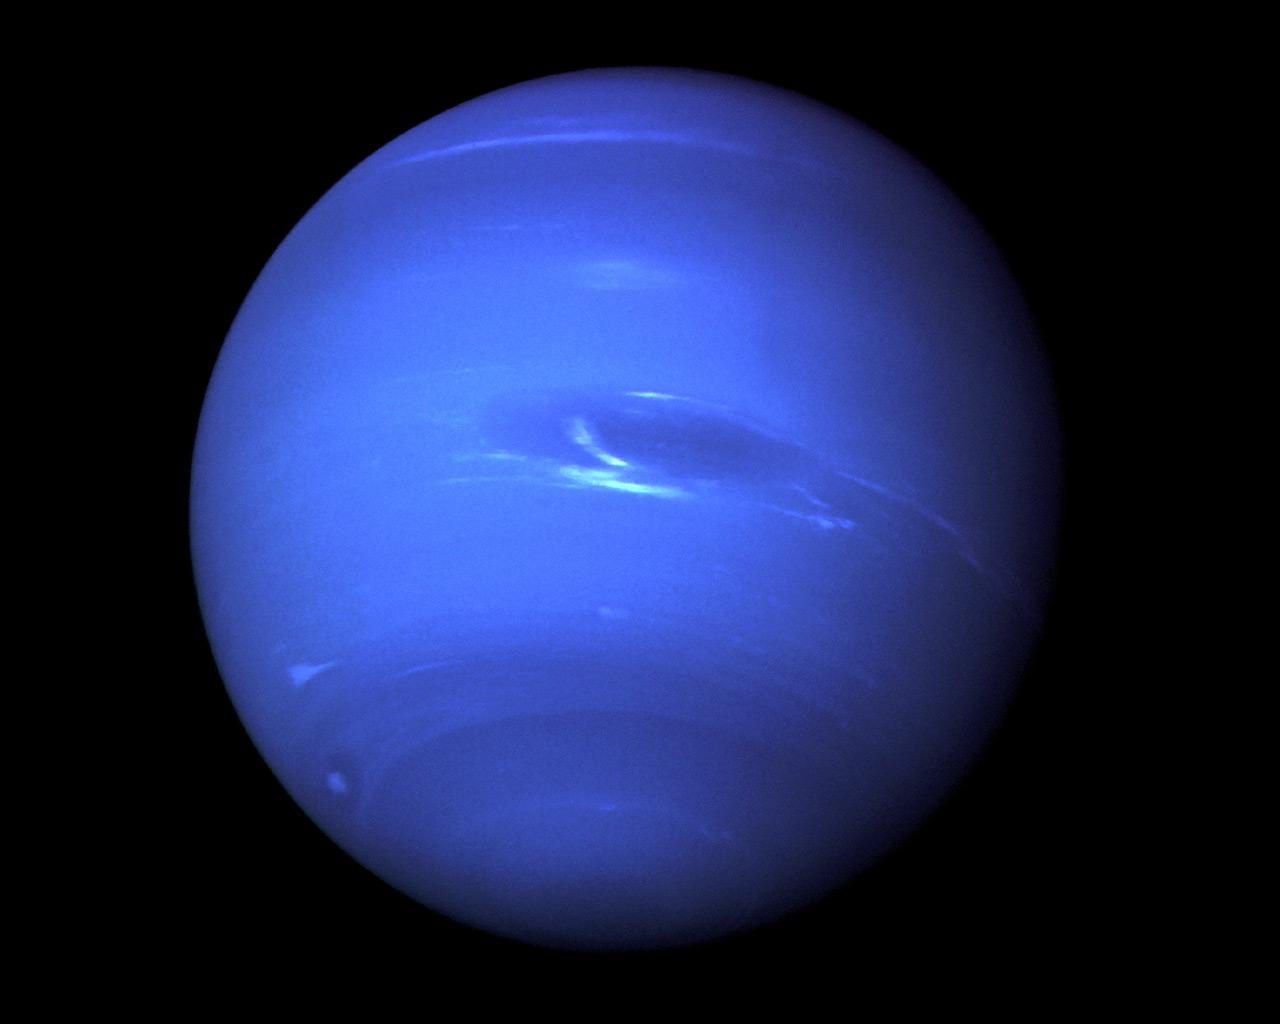 http://3.bp.blogspot.com/-ixeuTQapRG4/UIlDRJ9z1jI/AAAAAAAAA4o/FfIkjDtZUC4/s1600/NASA_-_Neptune.jpg